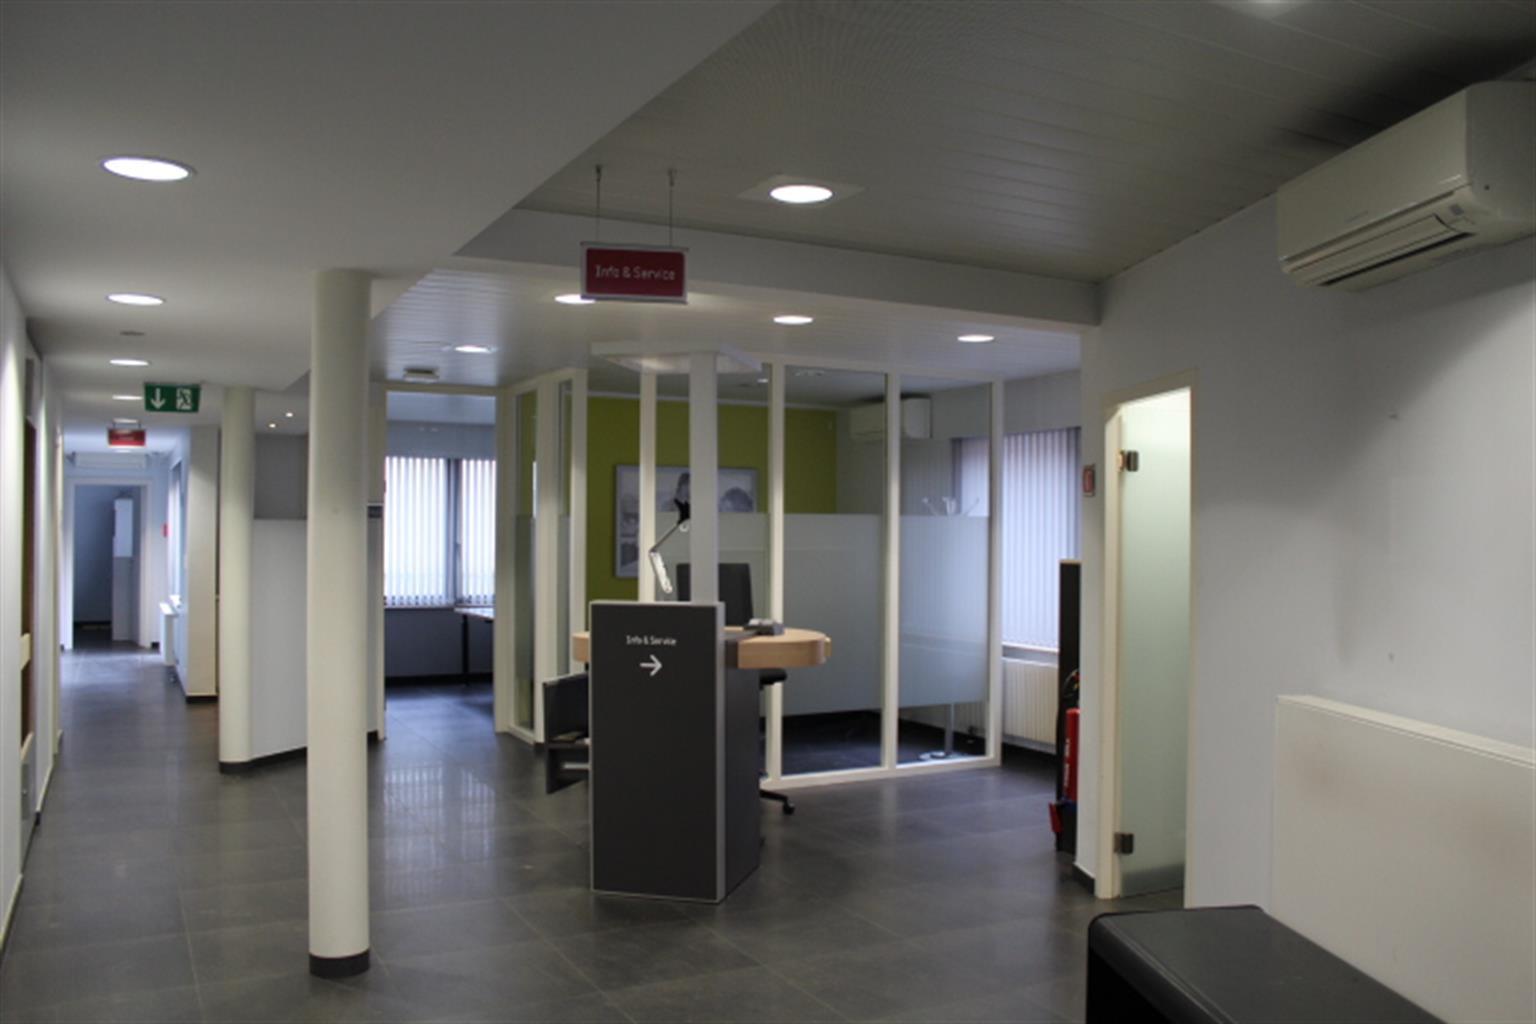 Immeuble à usage multiple - Jupille sur Meuse - #4380831-1